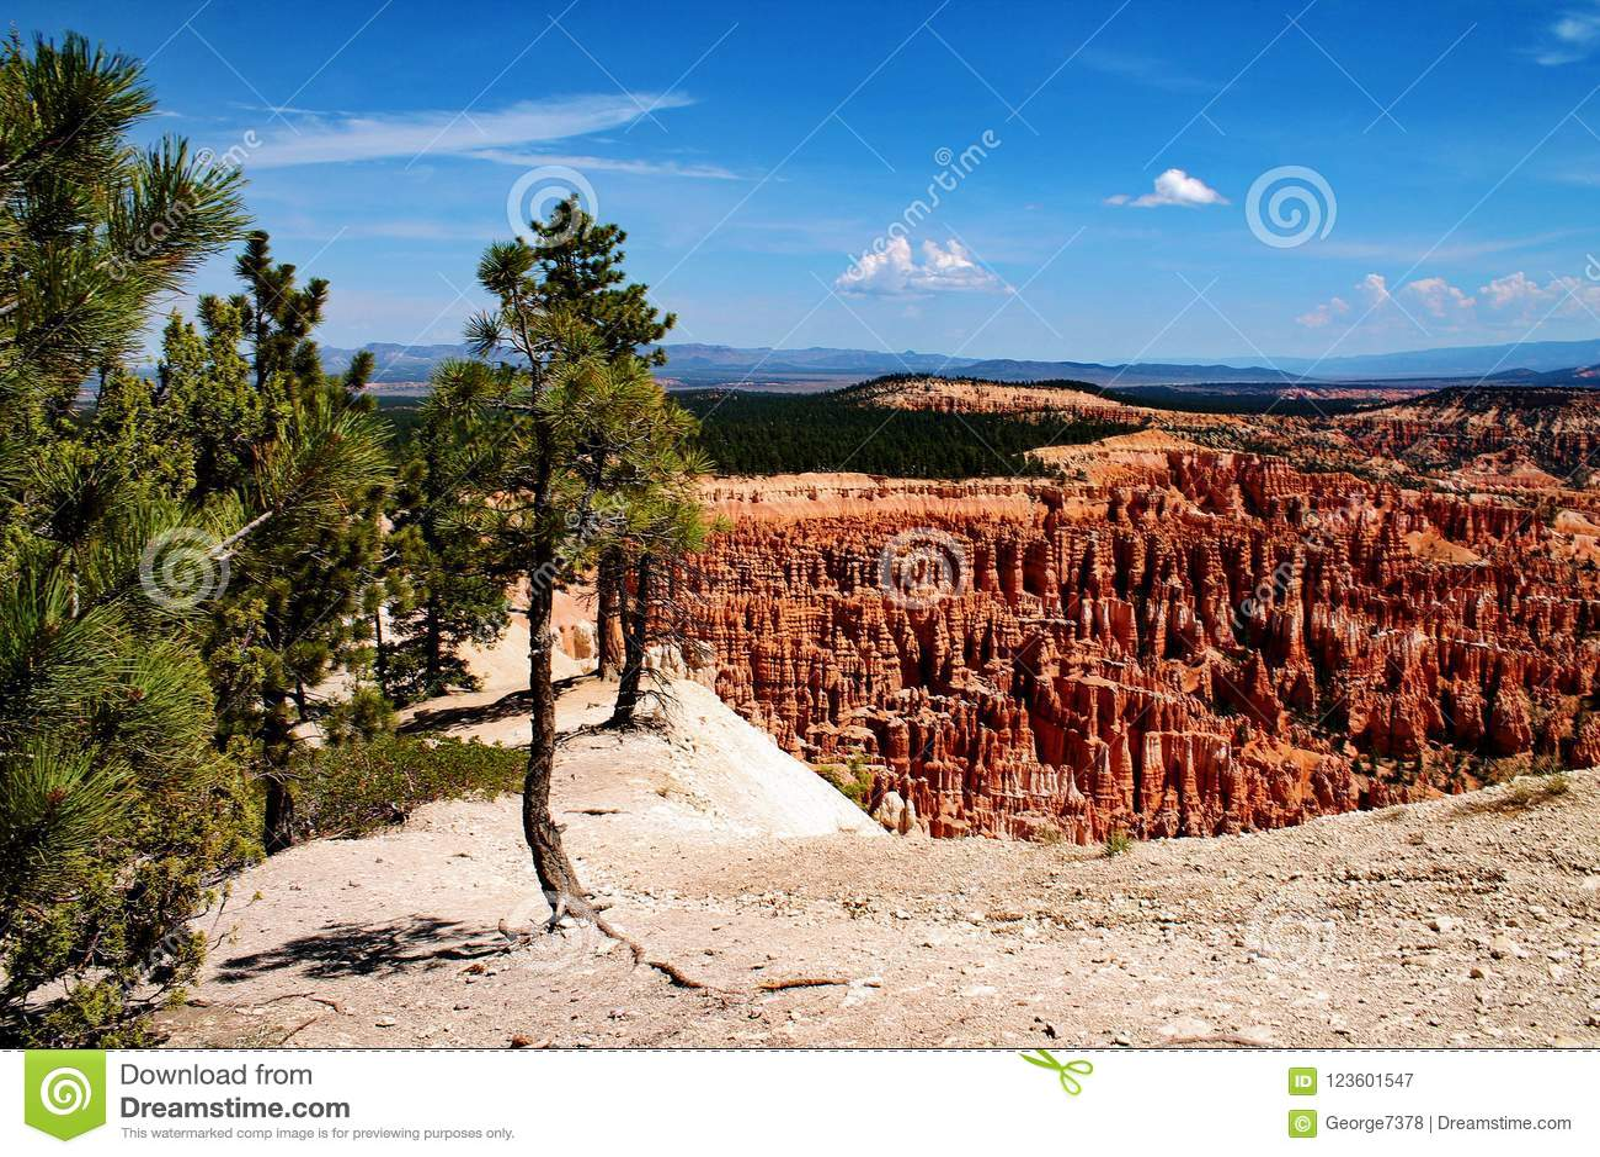 Klippenrand mit Felsenunglücksboten und nahe gelegenen Bäumen in Bryce Canyon, Utah